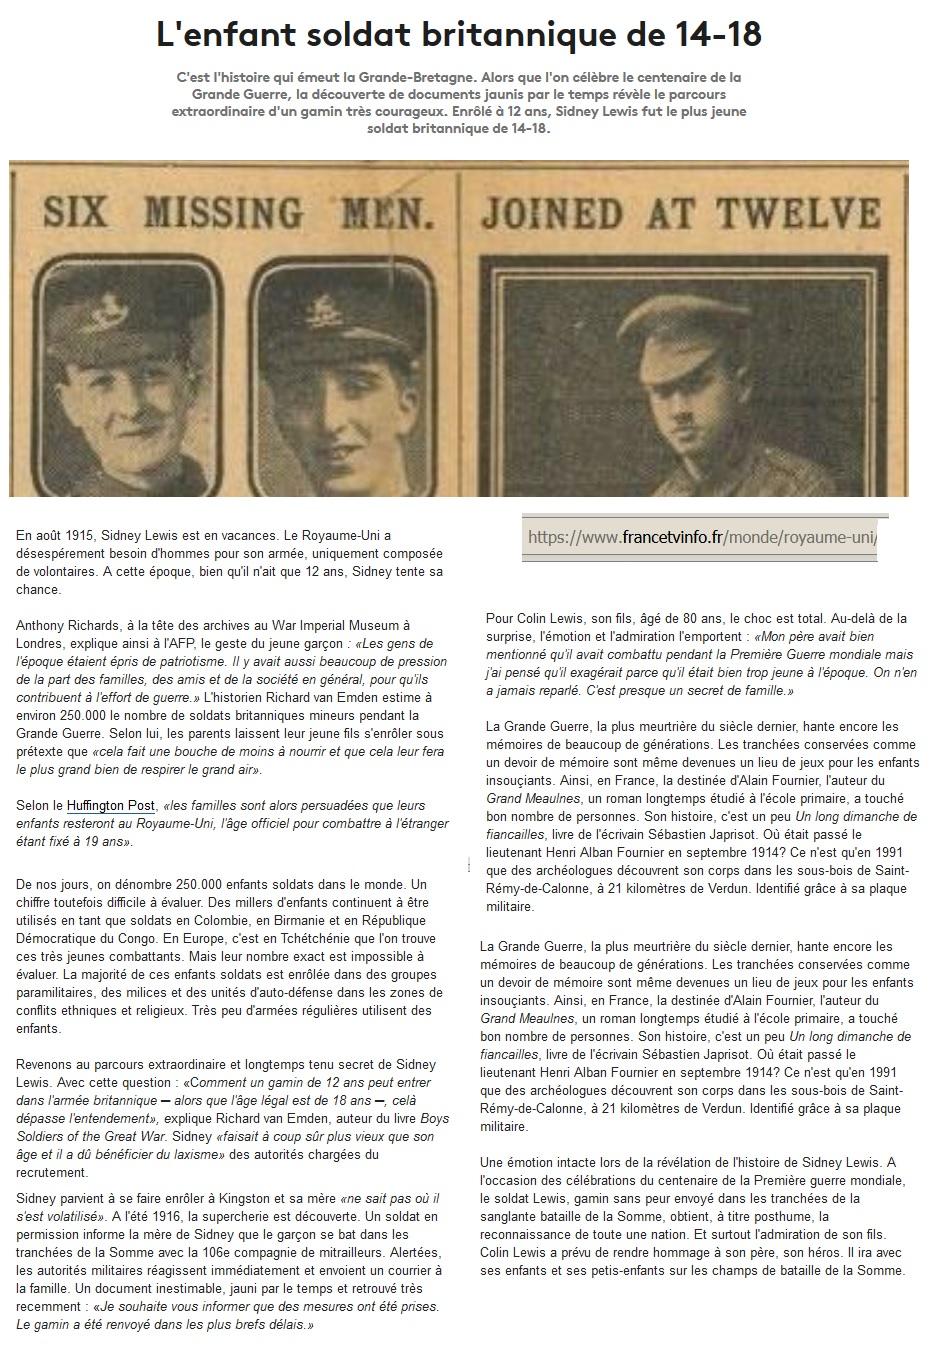 Les enfants-soldats de la Grande guerre. Britan10